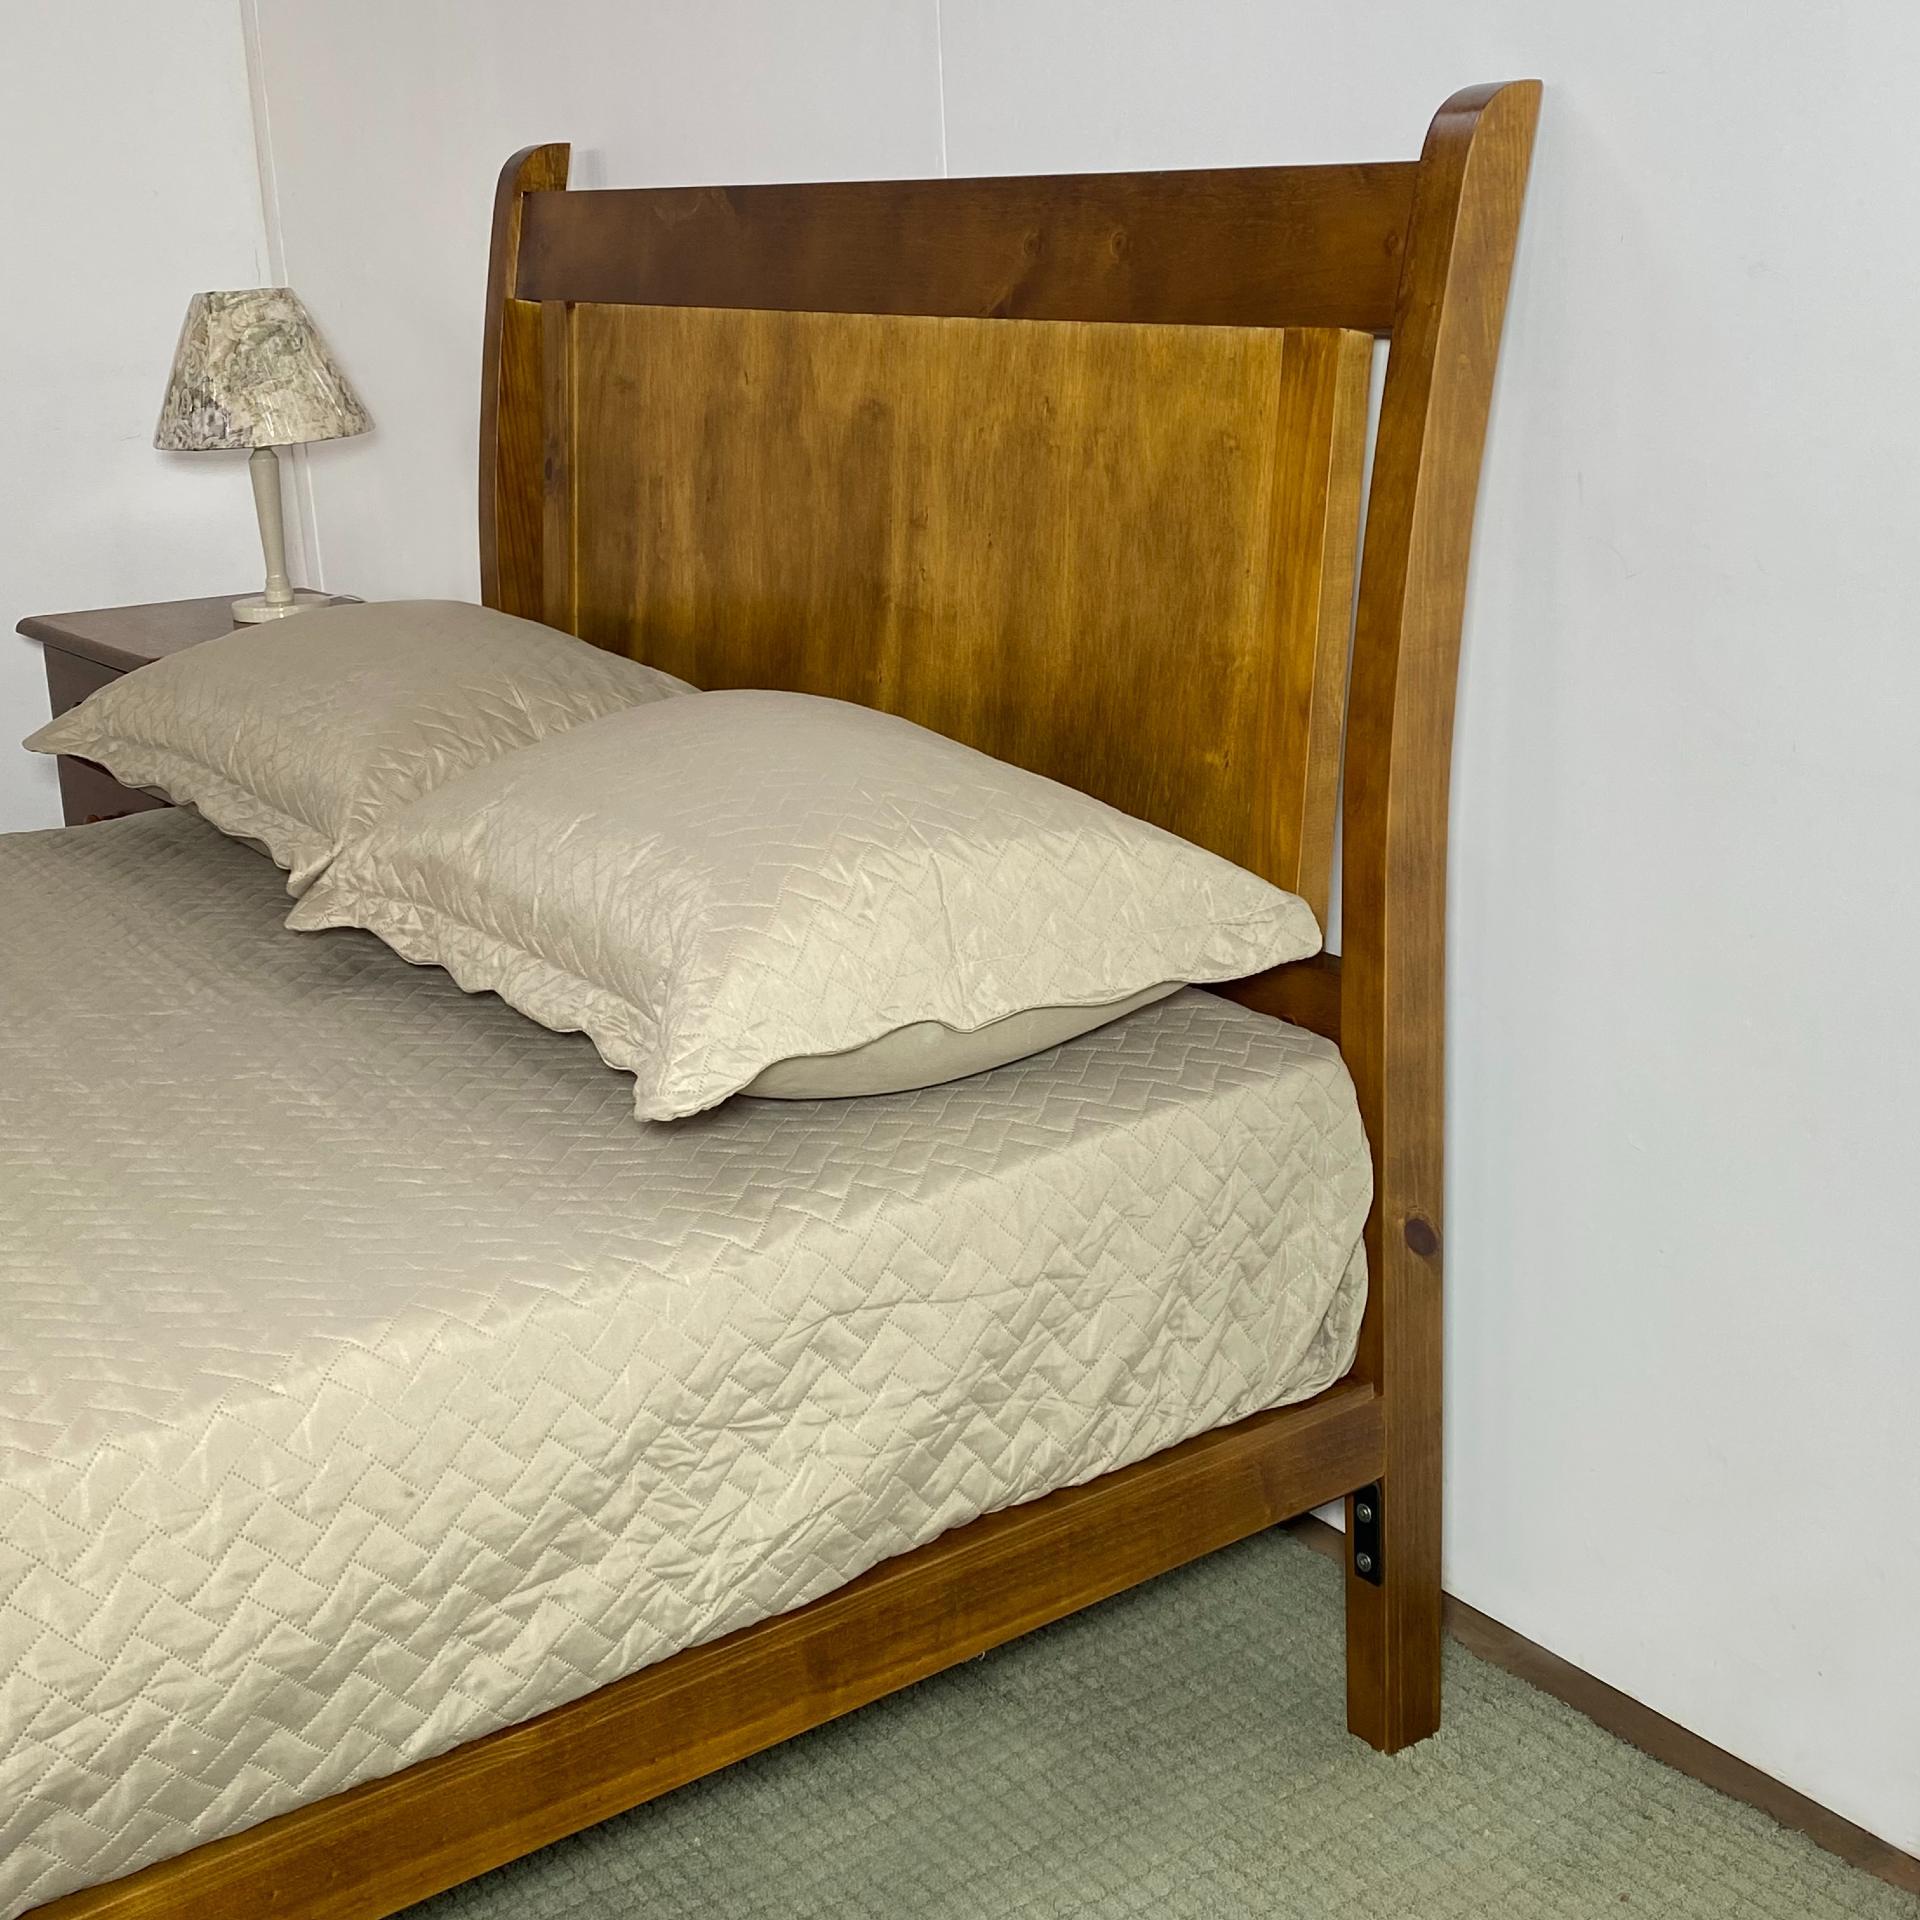 Cama Box Casal 1,40 Madeira Maciça BocaRica223